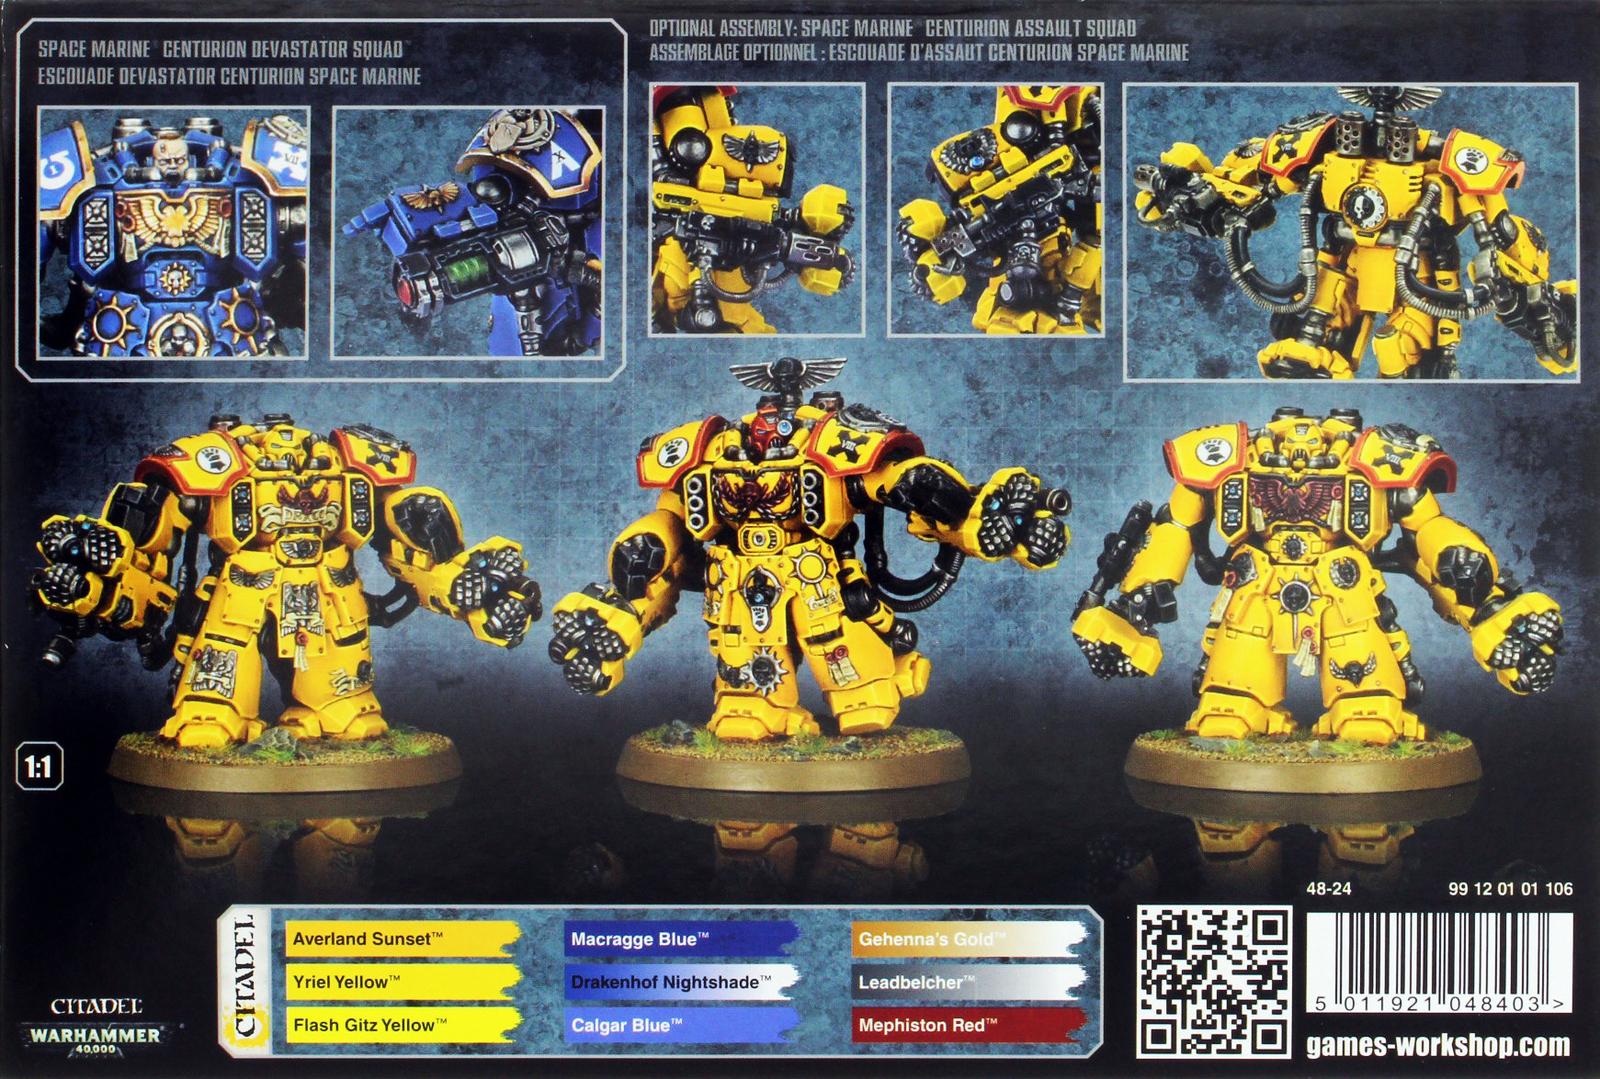 Space Marine Centurion Squad image